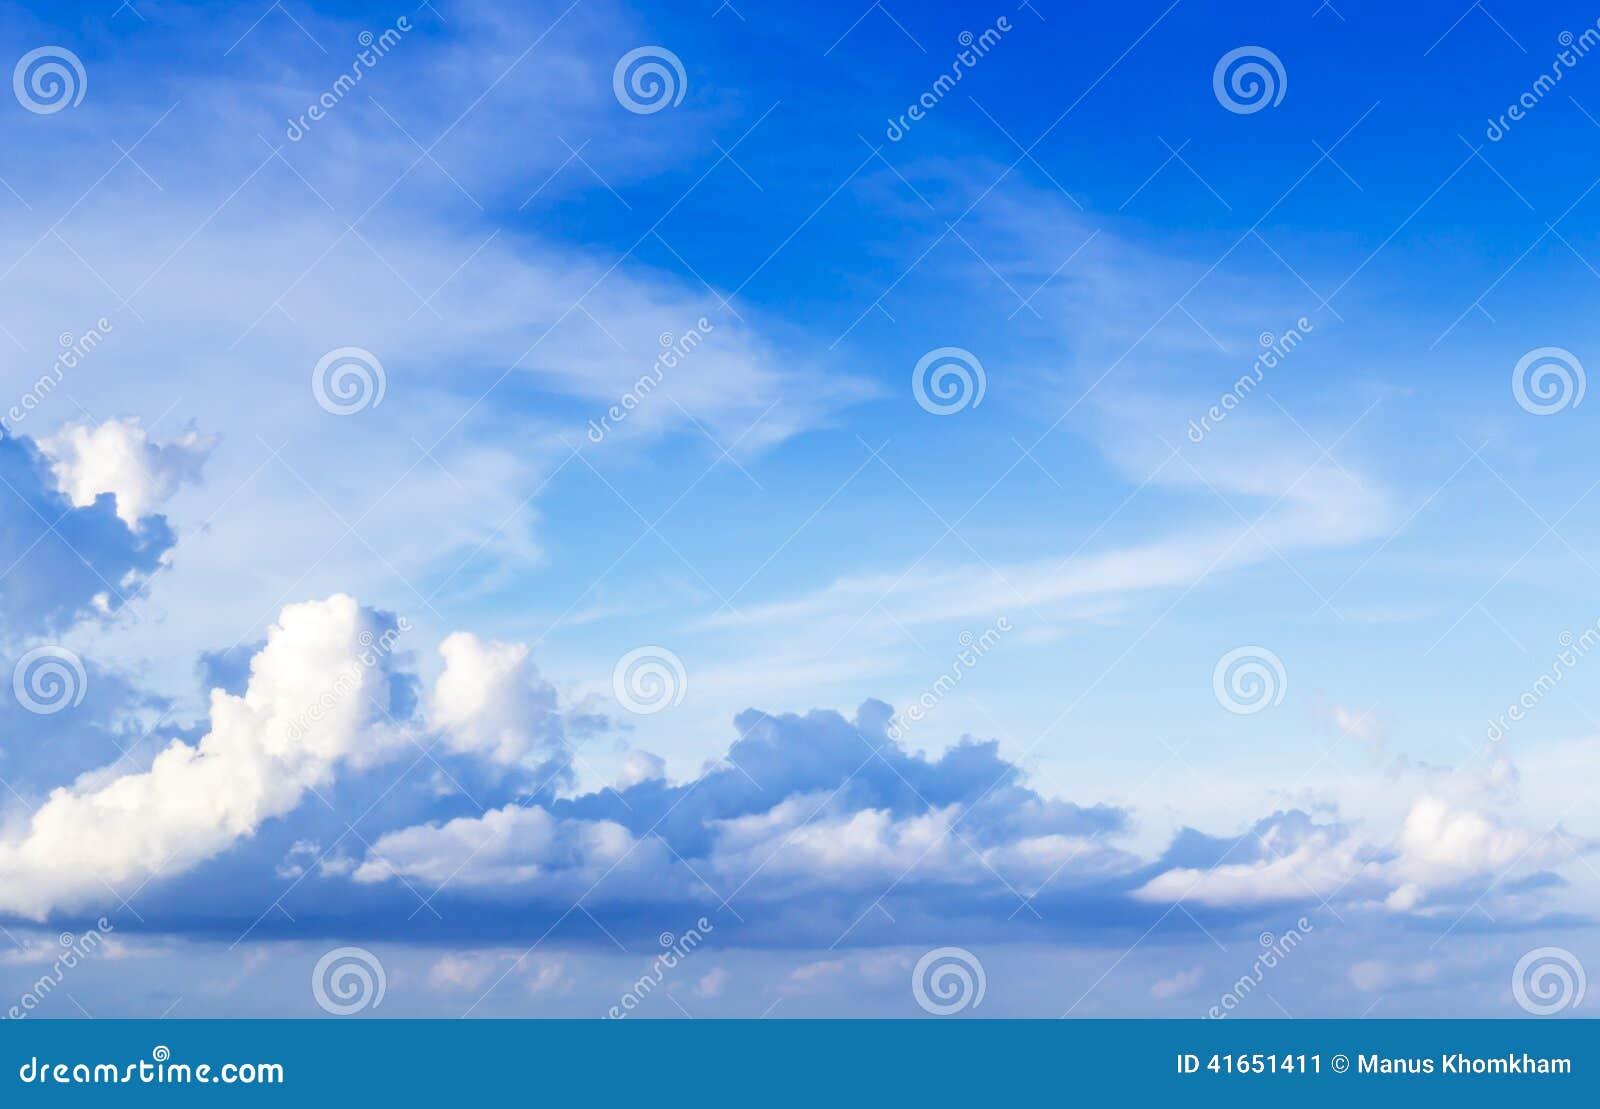 Голубые небо и пасмурный